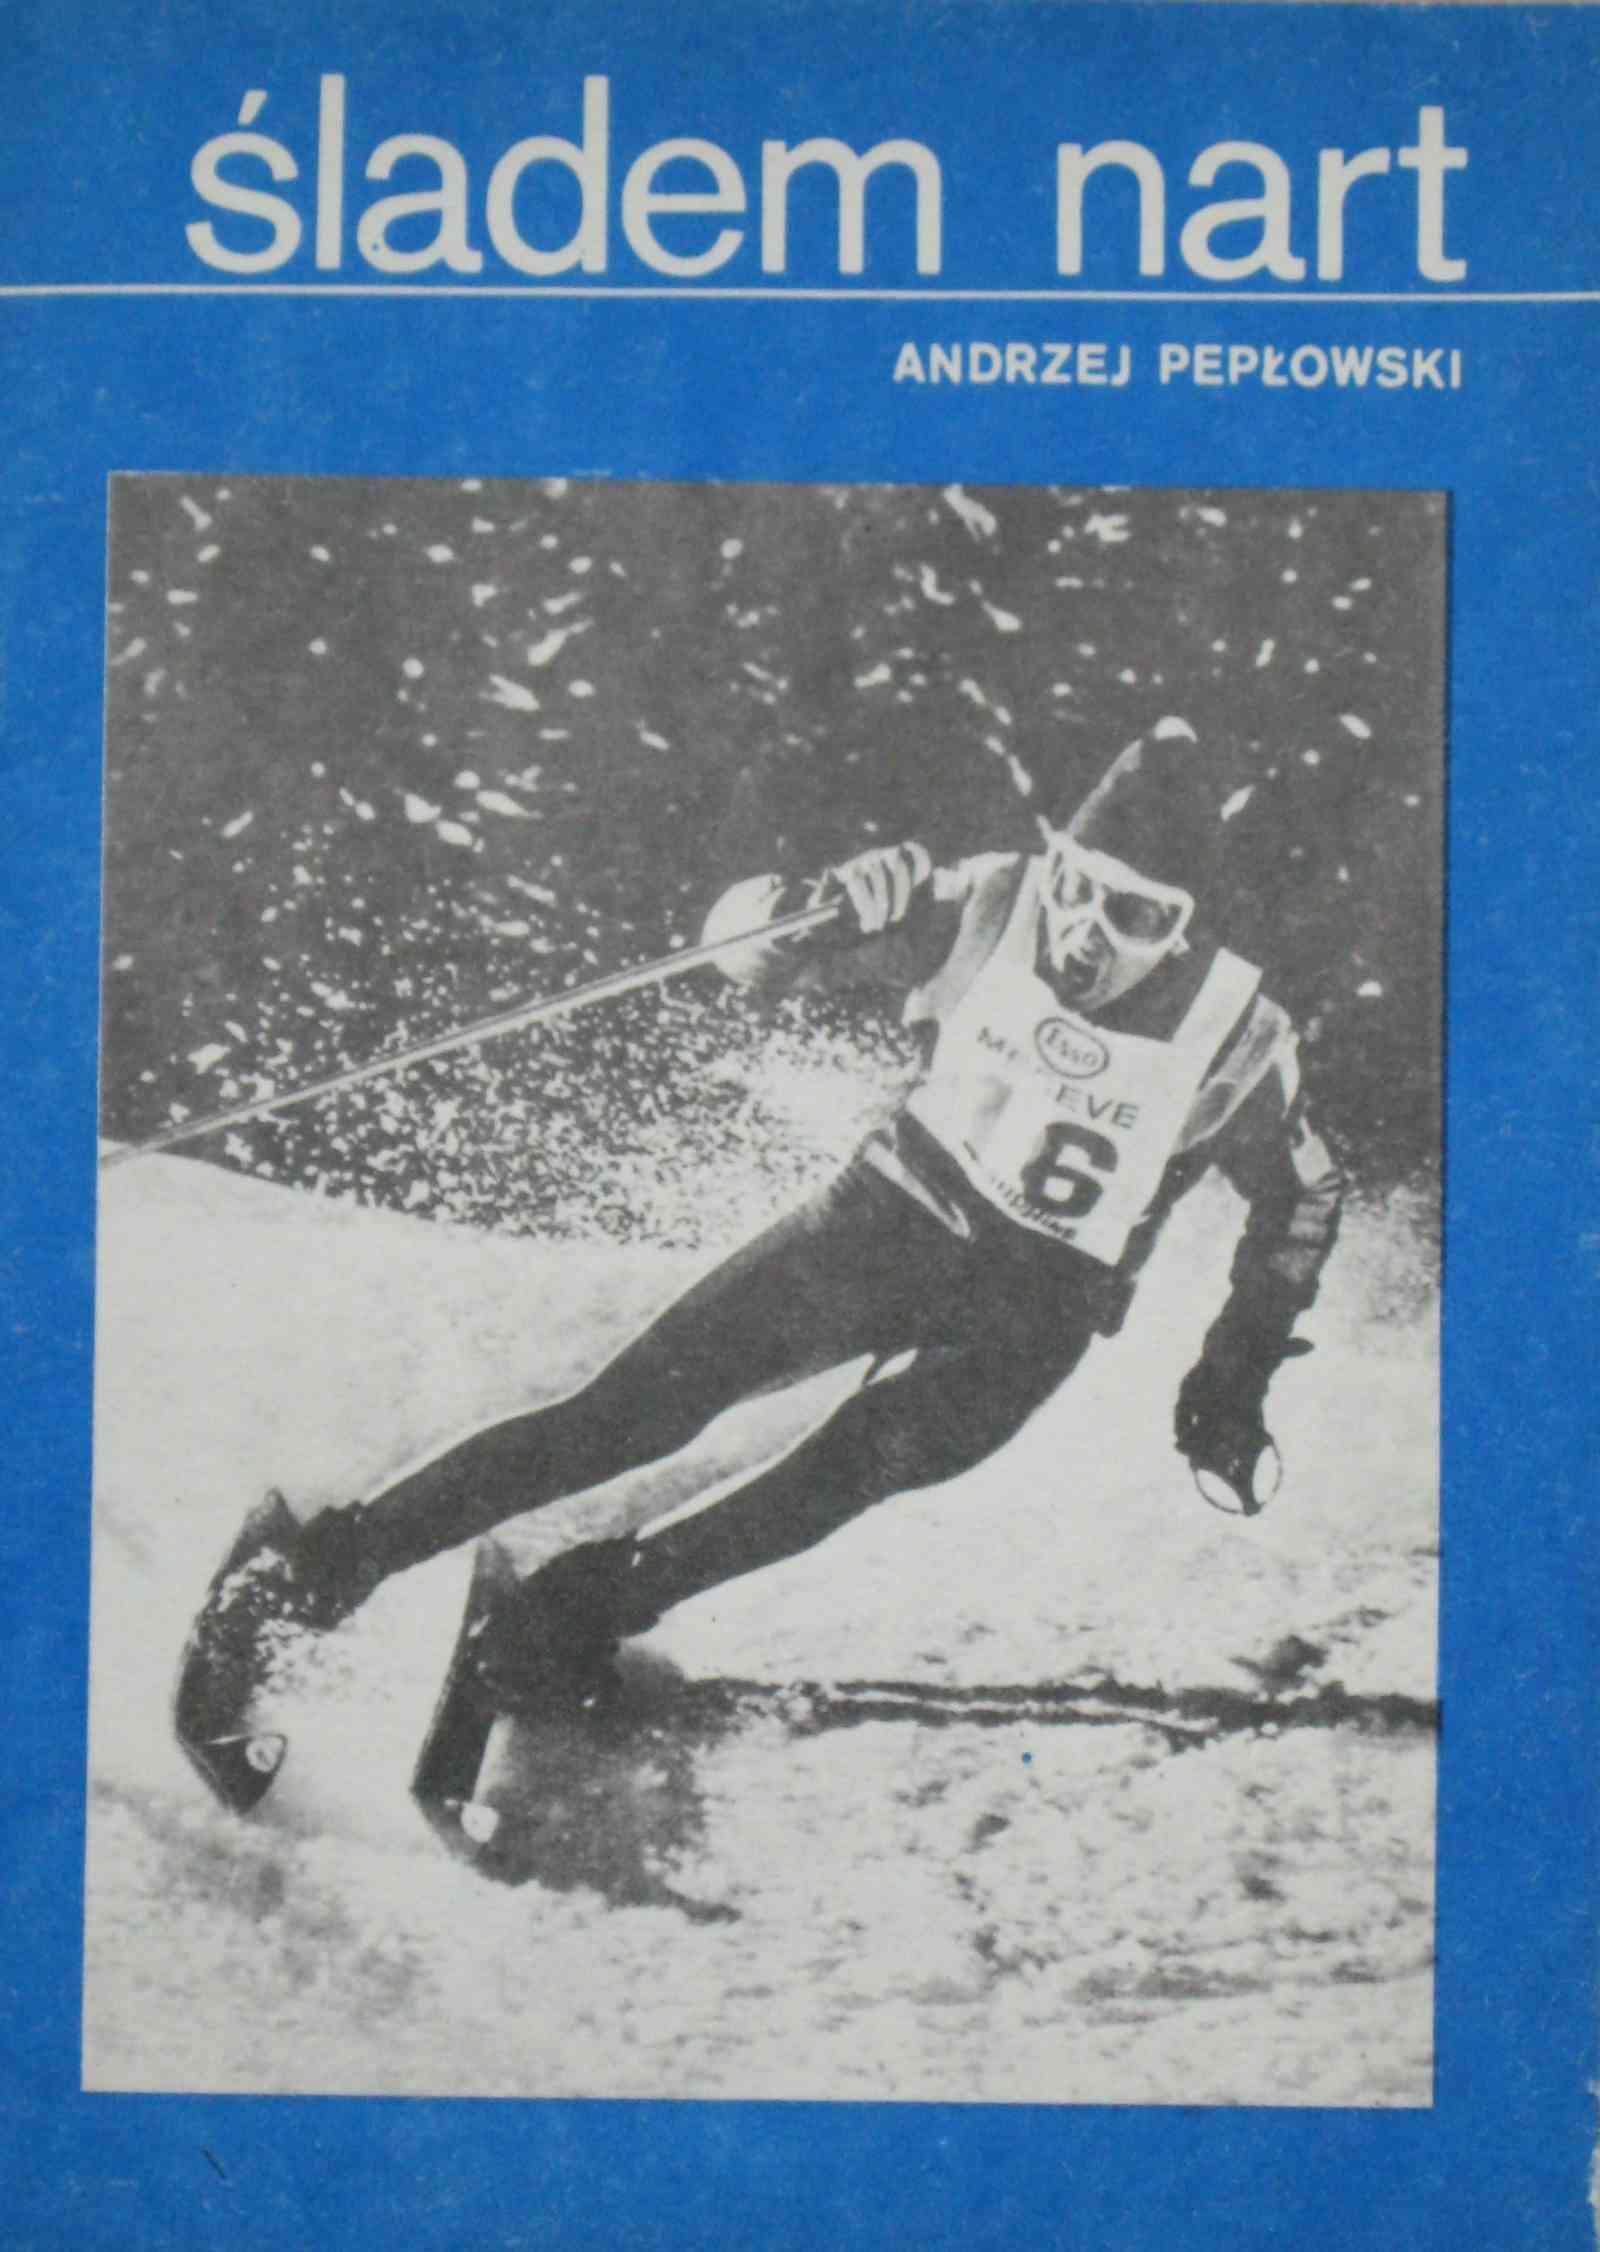 """Były takie wystawy… """"Śladem nart"""" – wystawa z roku 1988"""